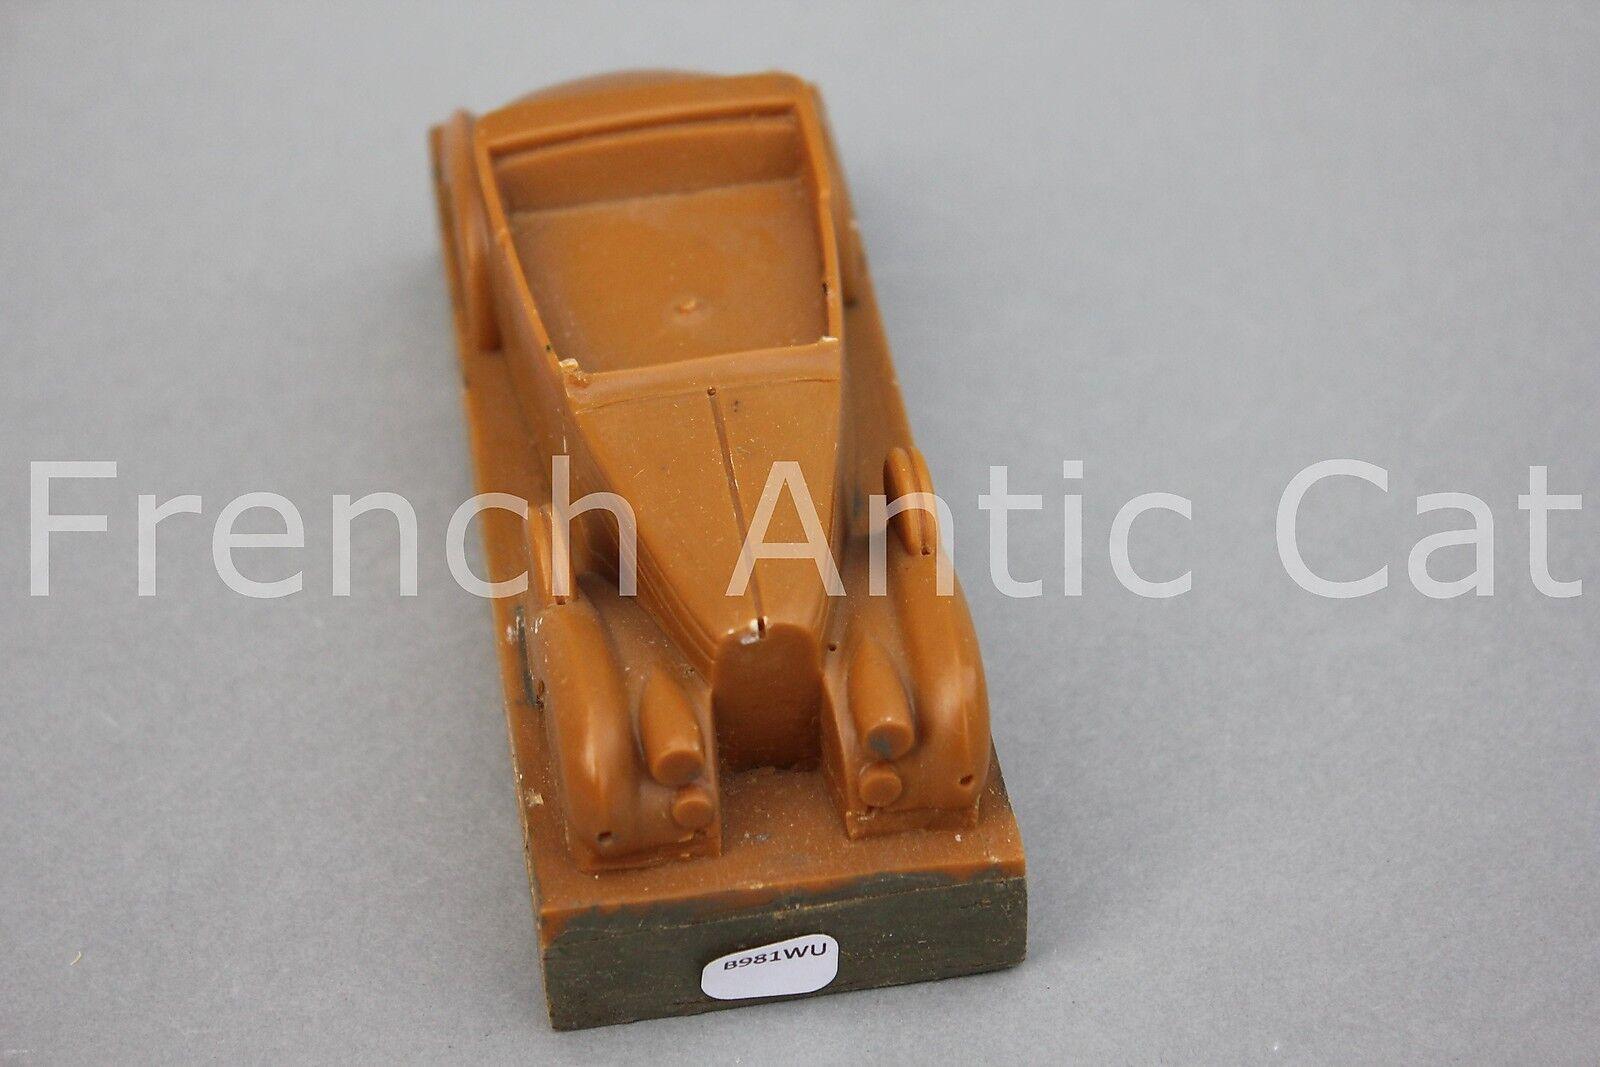 Rara Matrix Stampo Predotipo Resina Resina Resina Bugatti Cabrio 57 C1 1 43 Heco Modelli Wu 88a56e